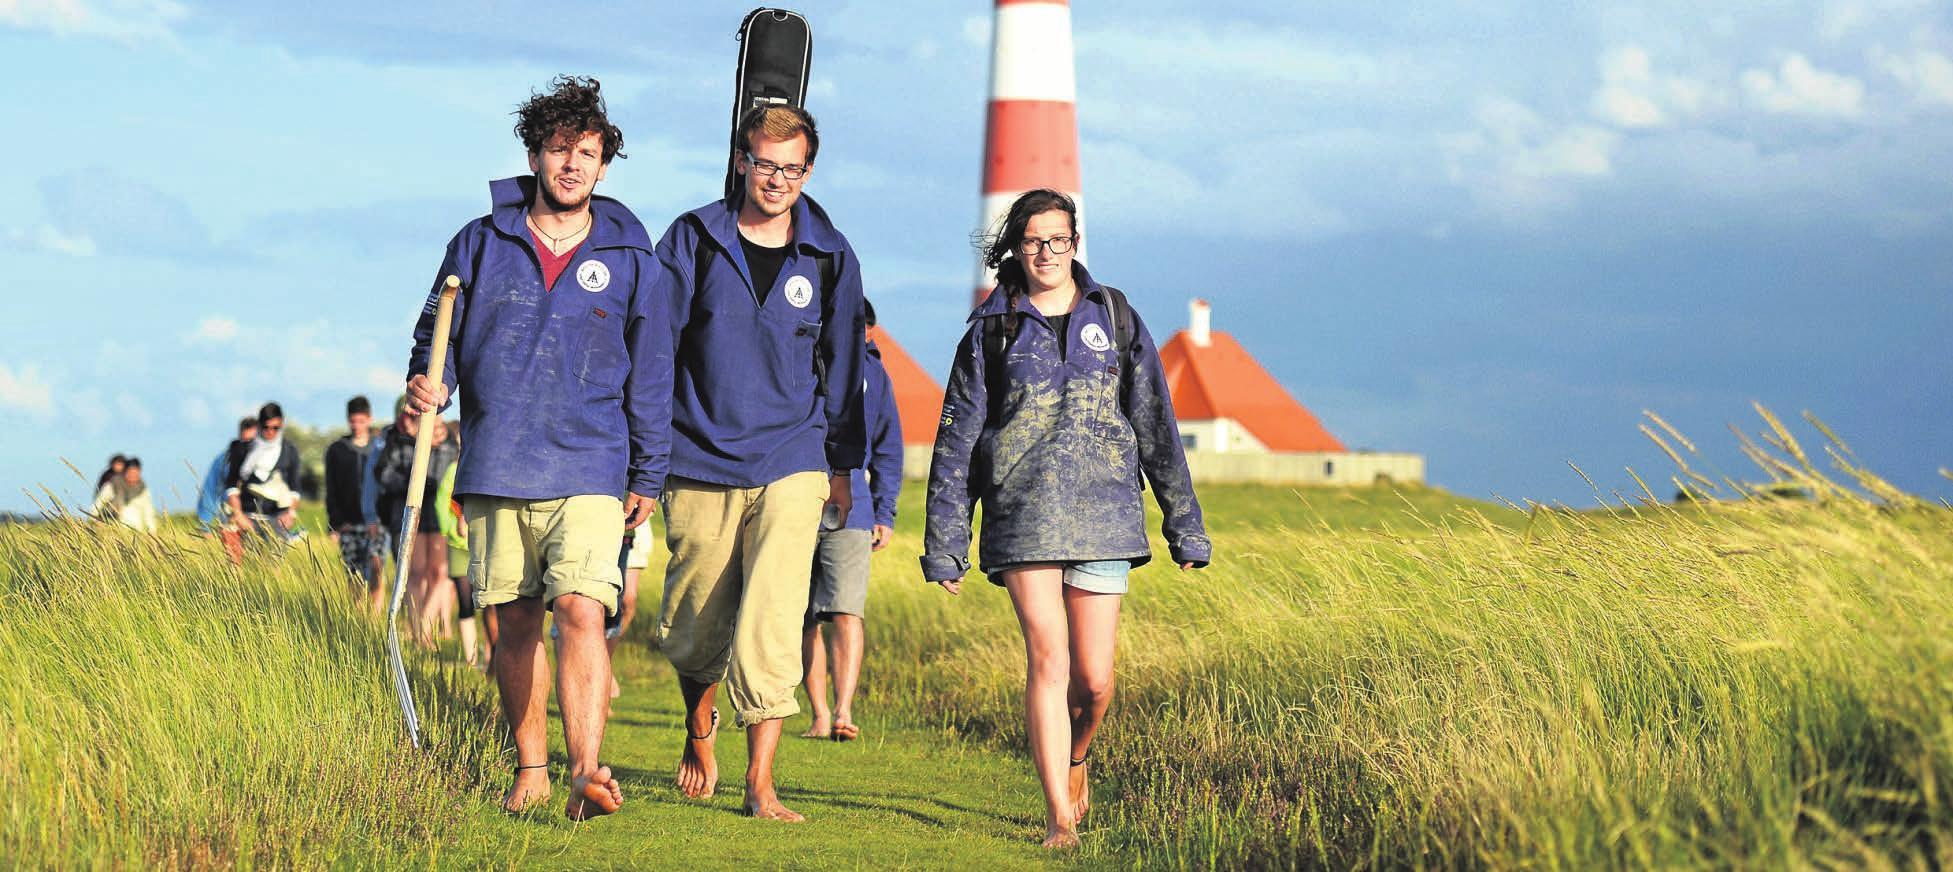 Die Uni gegen den Nationalpark tauschen: Das geht, wenn Studenten im Gap Year ein Freiwilliges Ökologisches Jahr machen. FOTO: DANIEL REINHARDT/DPA-TMN